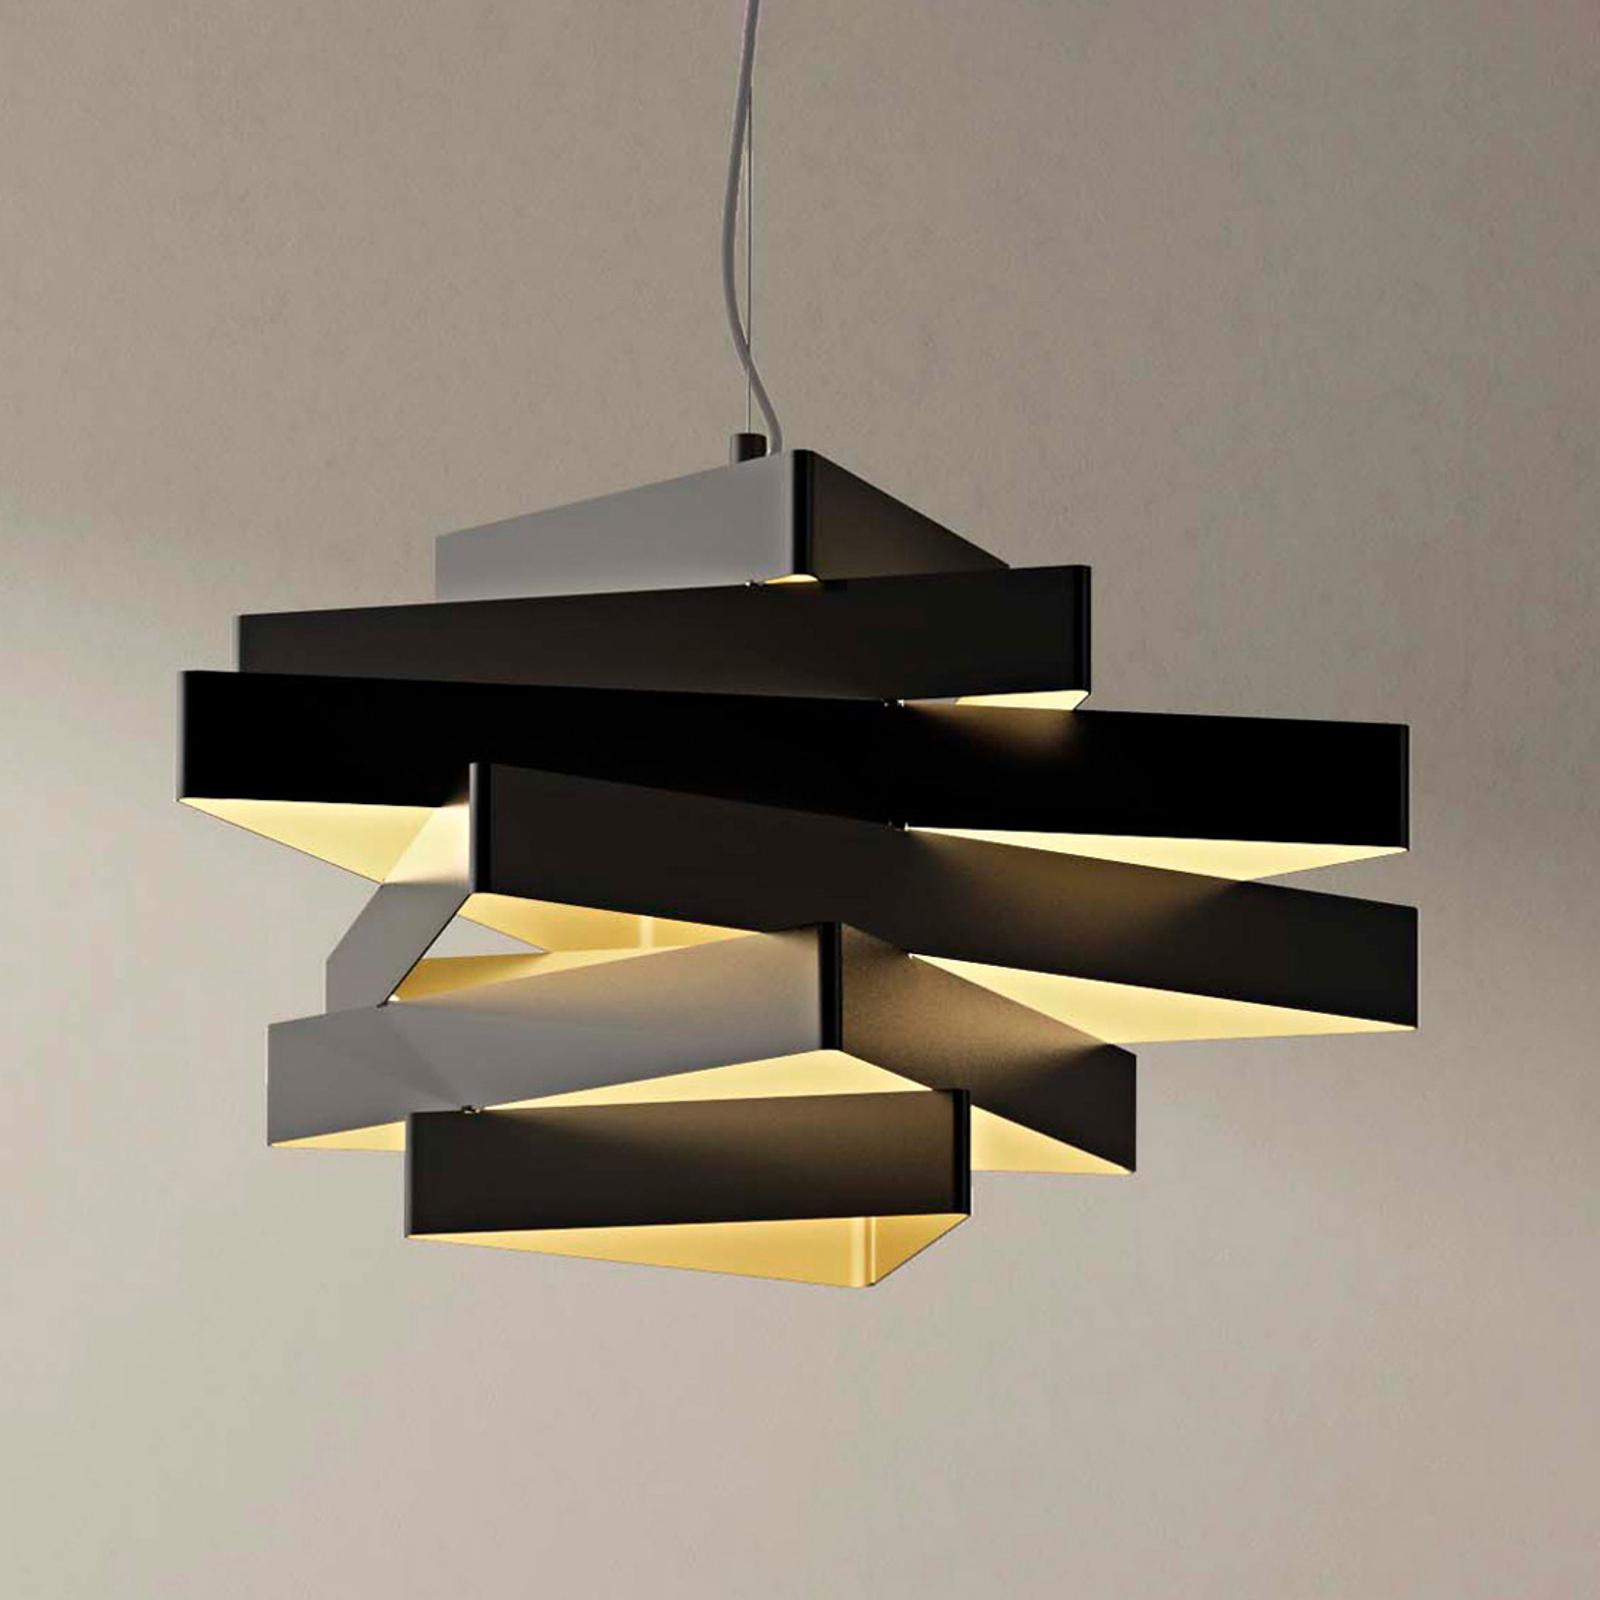 Abstrakcyjna lampa wisząca Miles z trójkątami